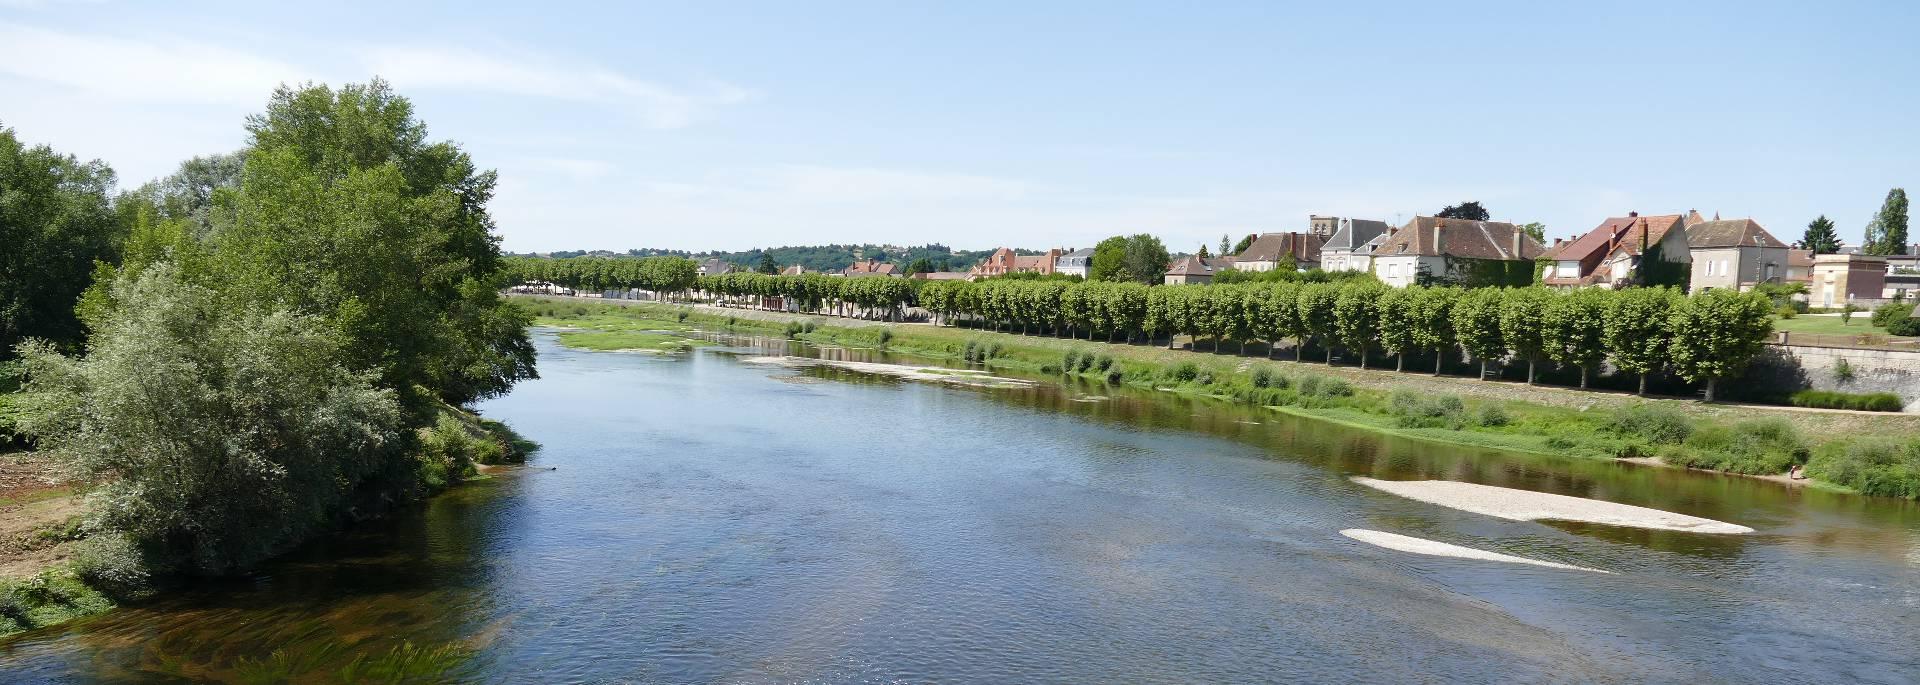 En bord de Loire à Digoin. © DSL, Sandrine Guênerie.